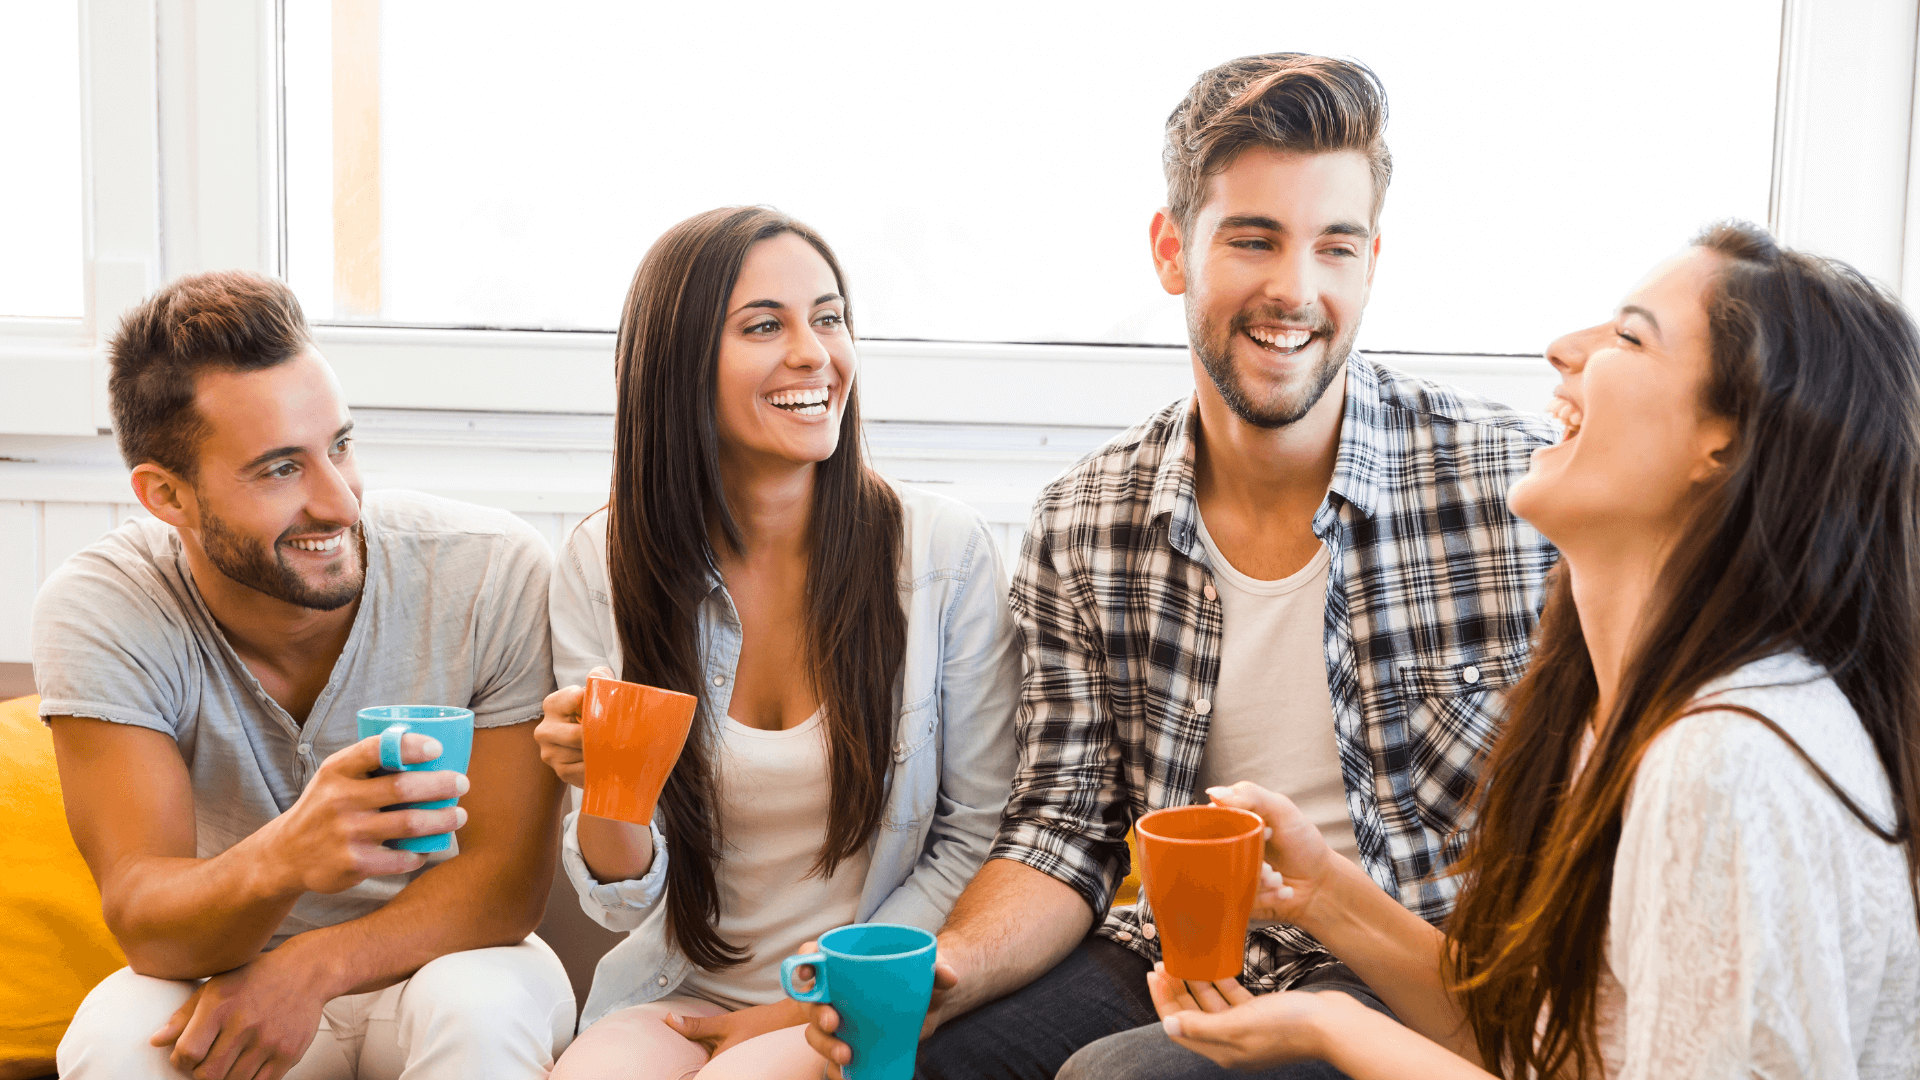 Wie 'Nur ein paar Freunde treffen' zum Superspreader-Event werden kann